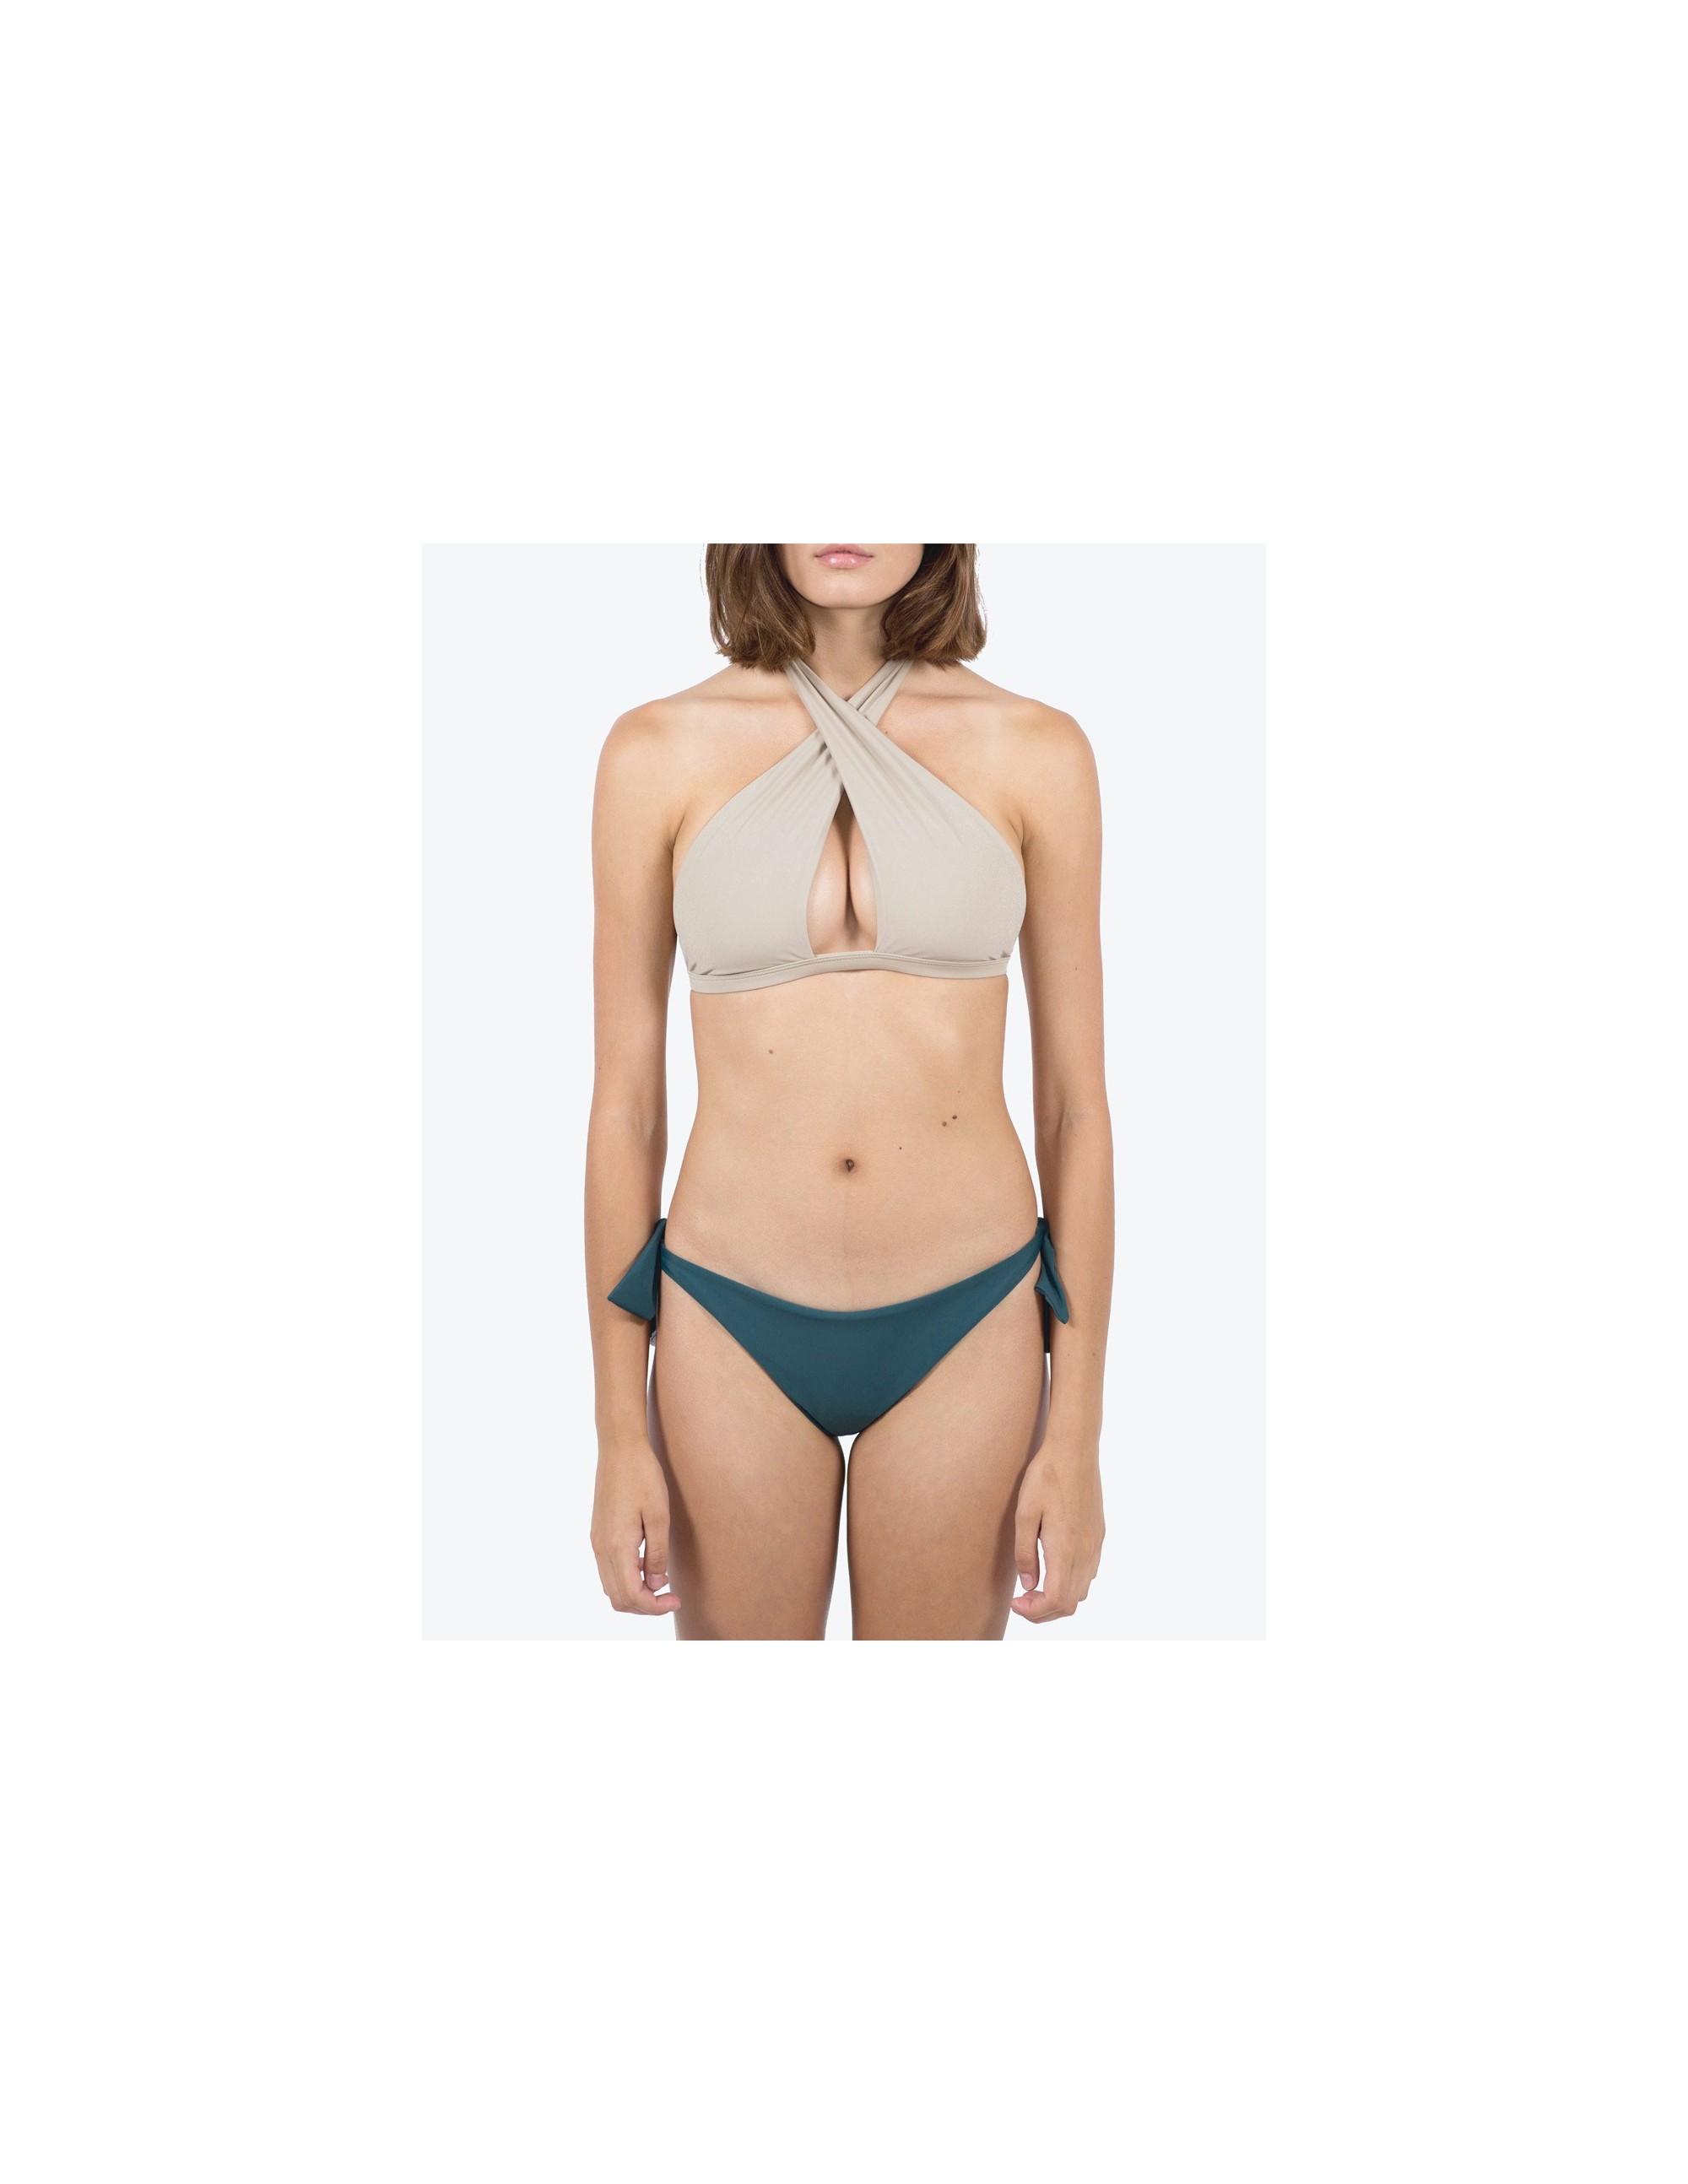 CONTA bikini top - TANNED